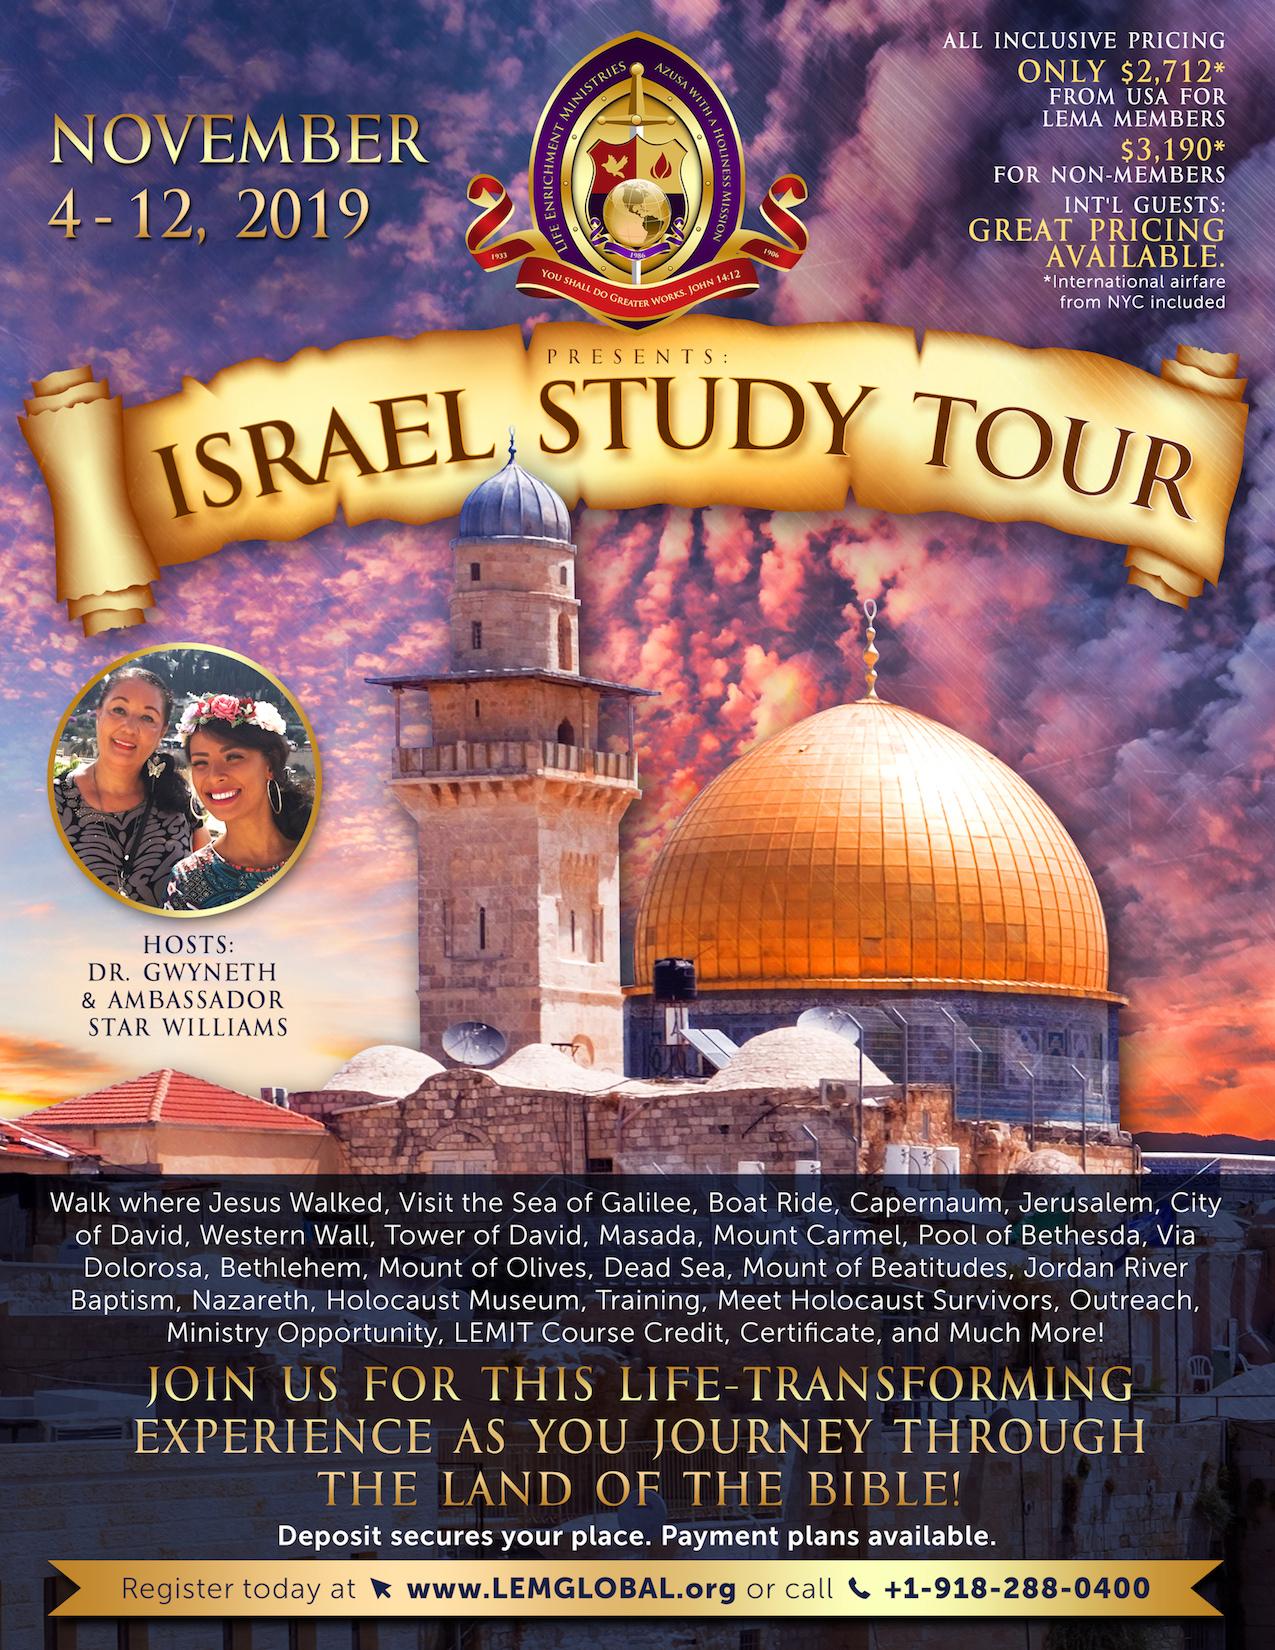 Israel Study Tour 2019 Flyer copy 2.jpg